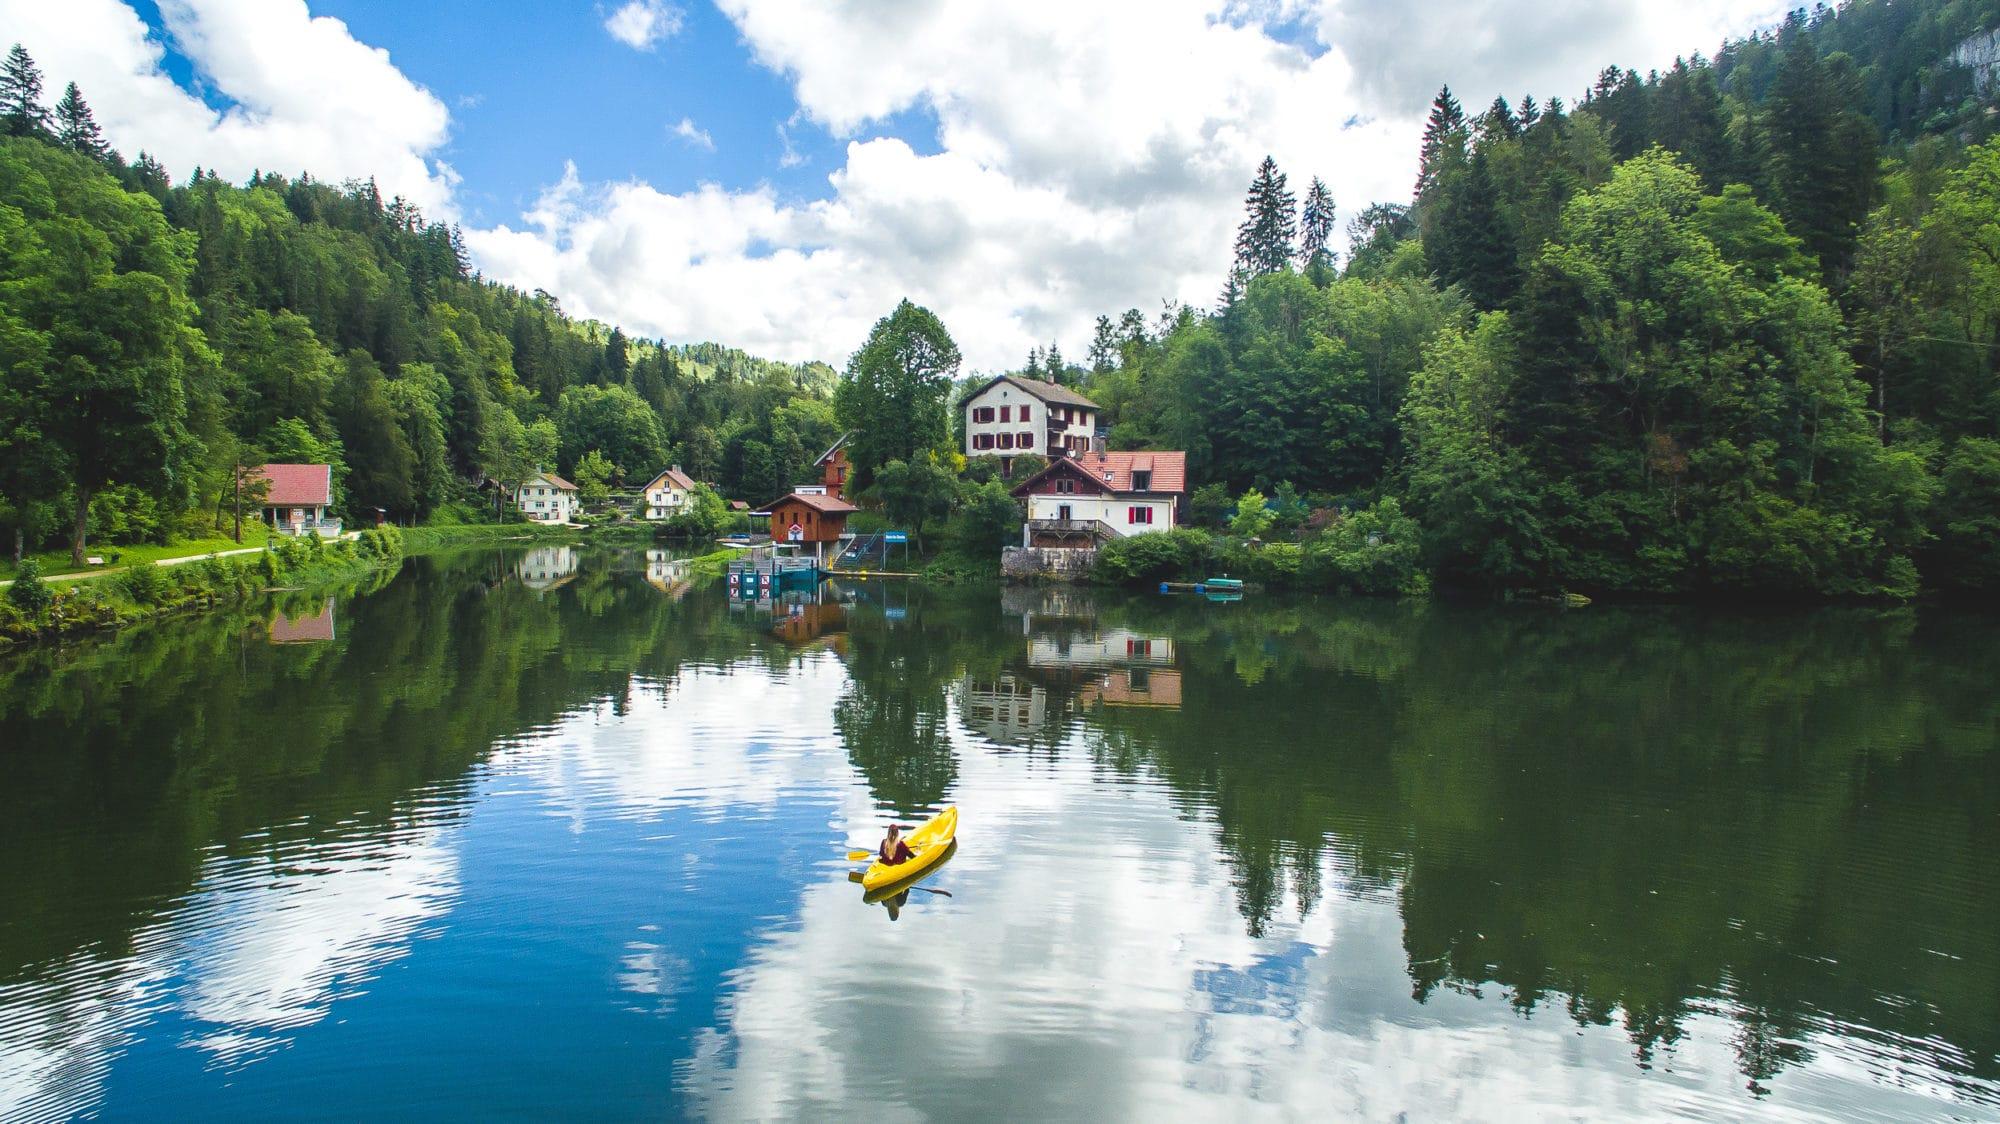 Jura, montagnes du jura, doubs, interview, france, tourisme